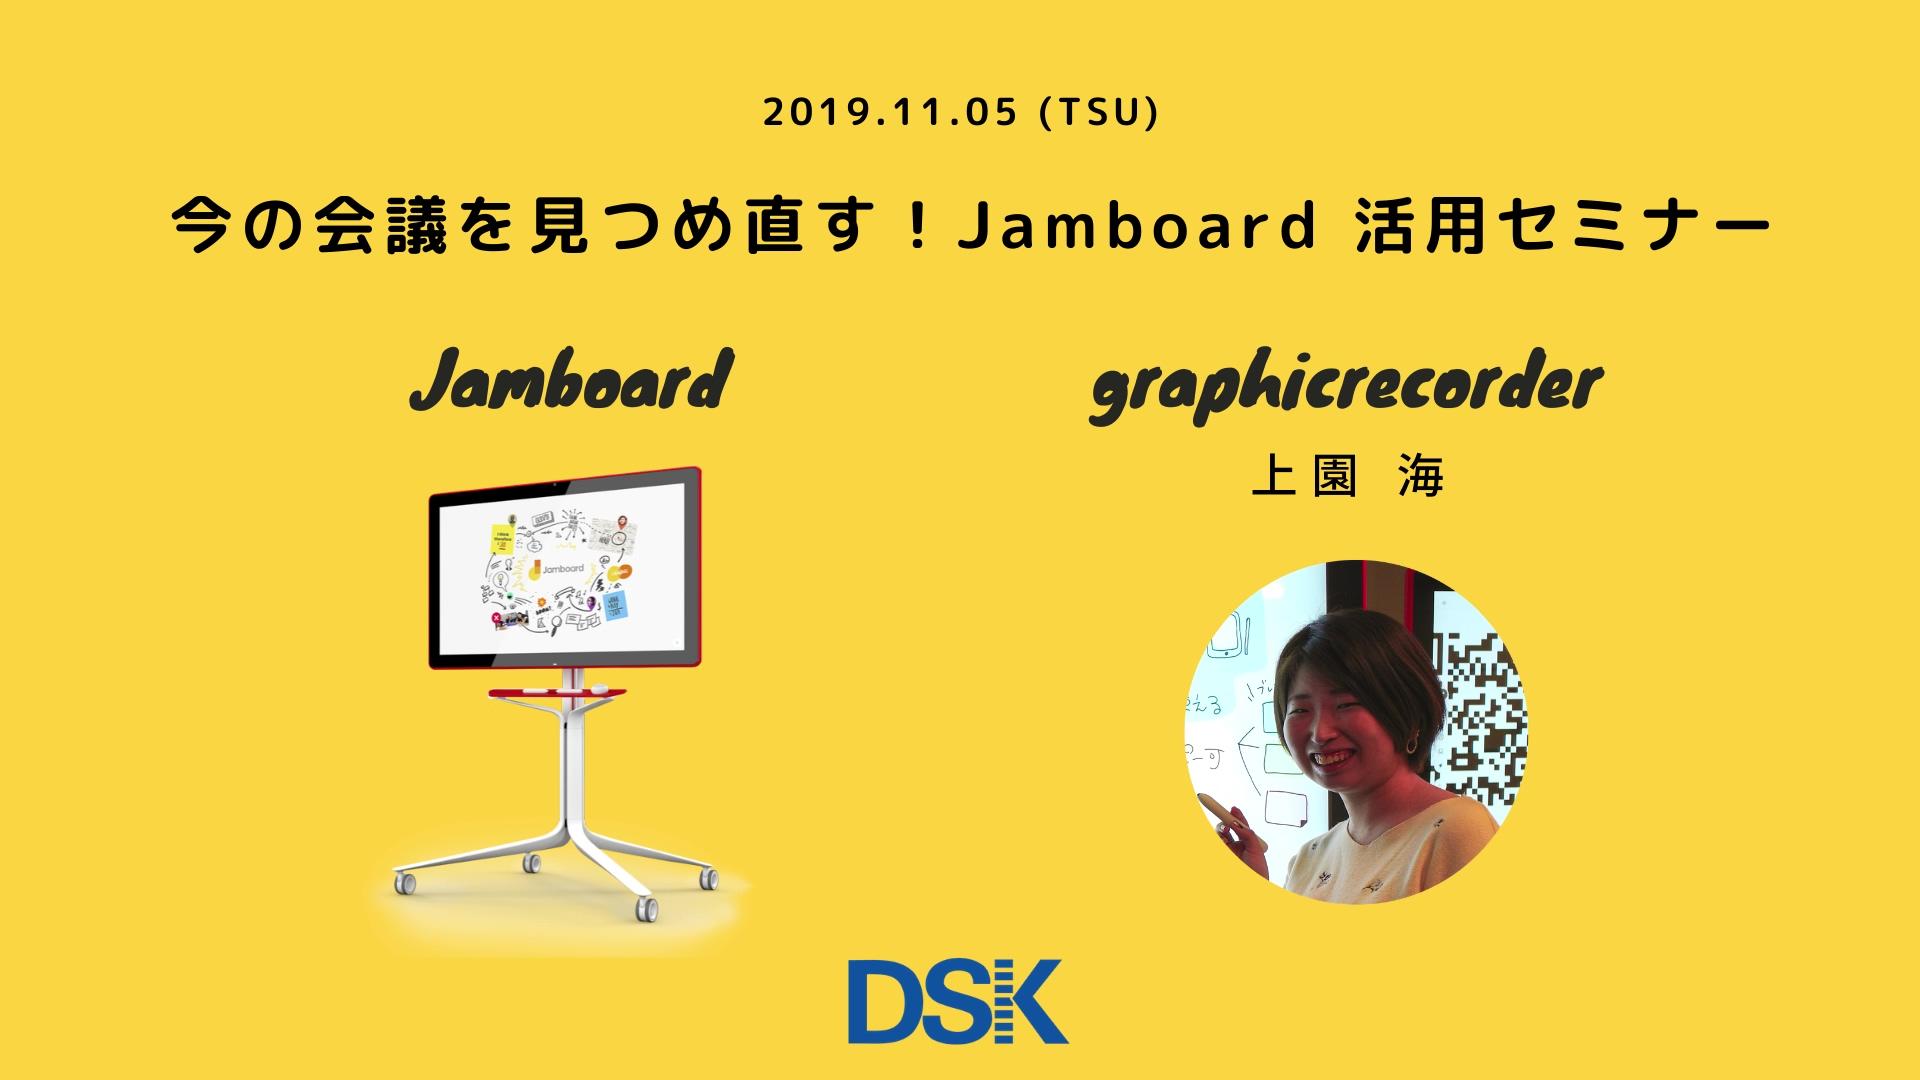 Jamboard とは?グラフィックレコードでわかりやすくご紹介